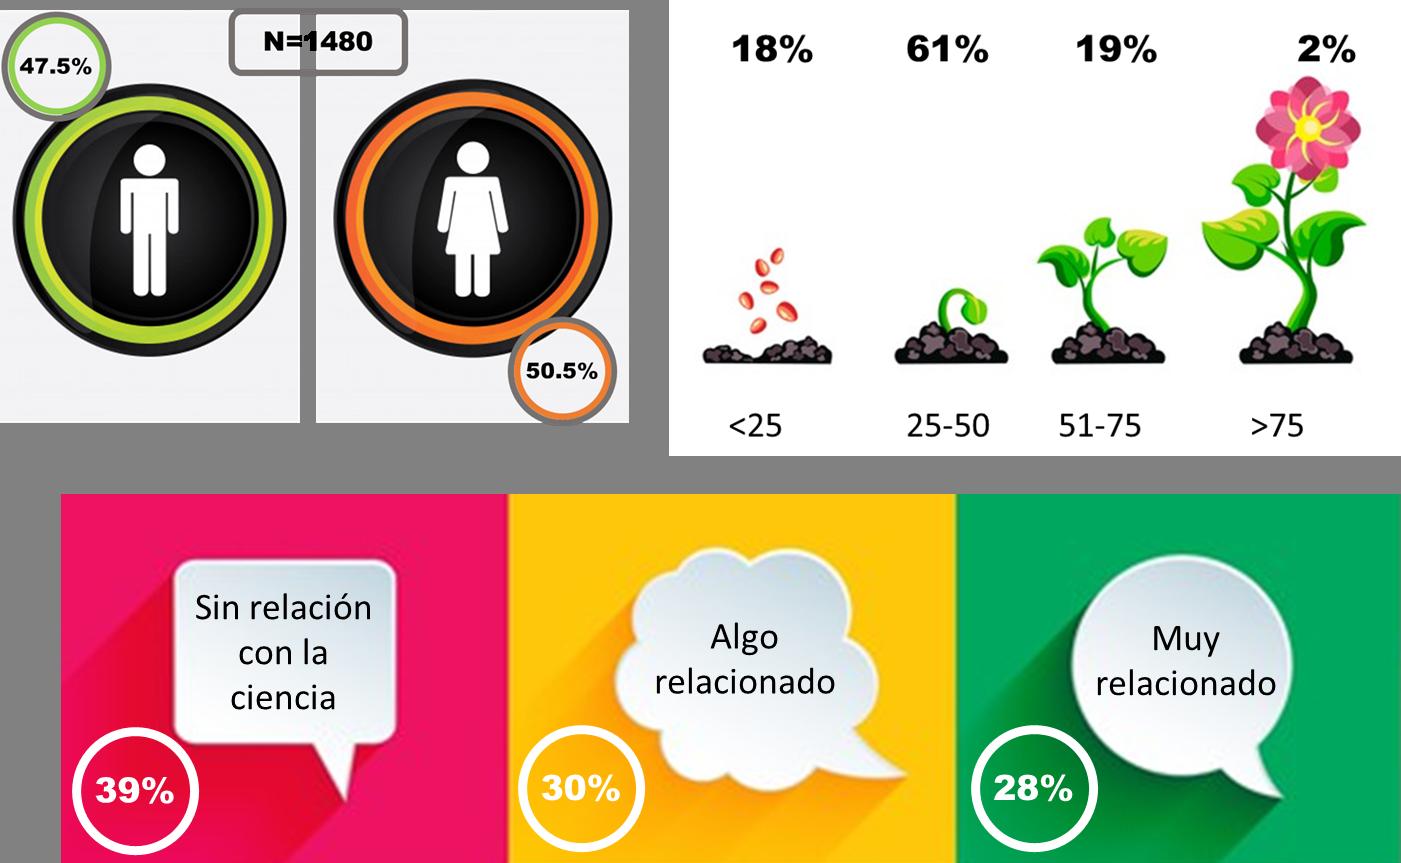 Participantes en la encuesta. 47% varones, 50.% mujeres, 18% menores de 25, 61% entre 25 y 50 años, 19% entre 51 y 75, resto mayores de 75 años. 39% sin relación con la ciencia, 30% algo relacionado con la ciencia, 28% muy relacionado con la ciencia.